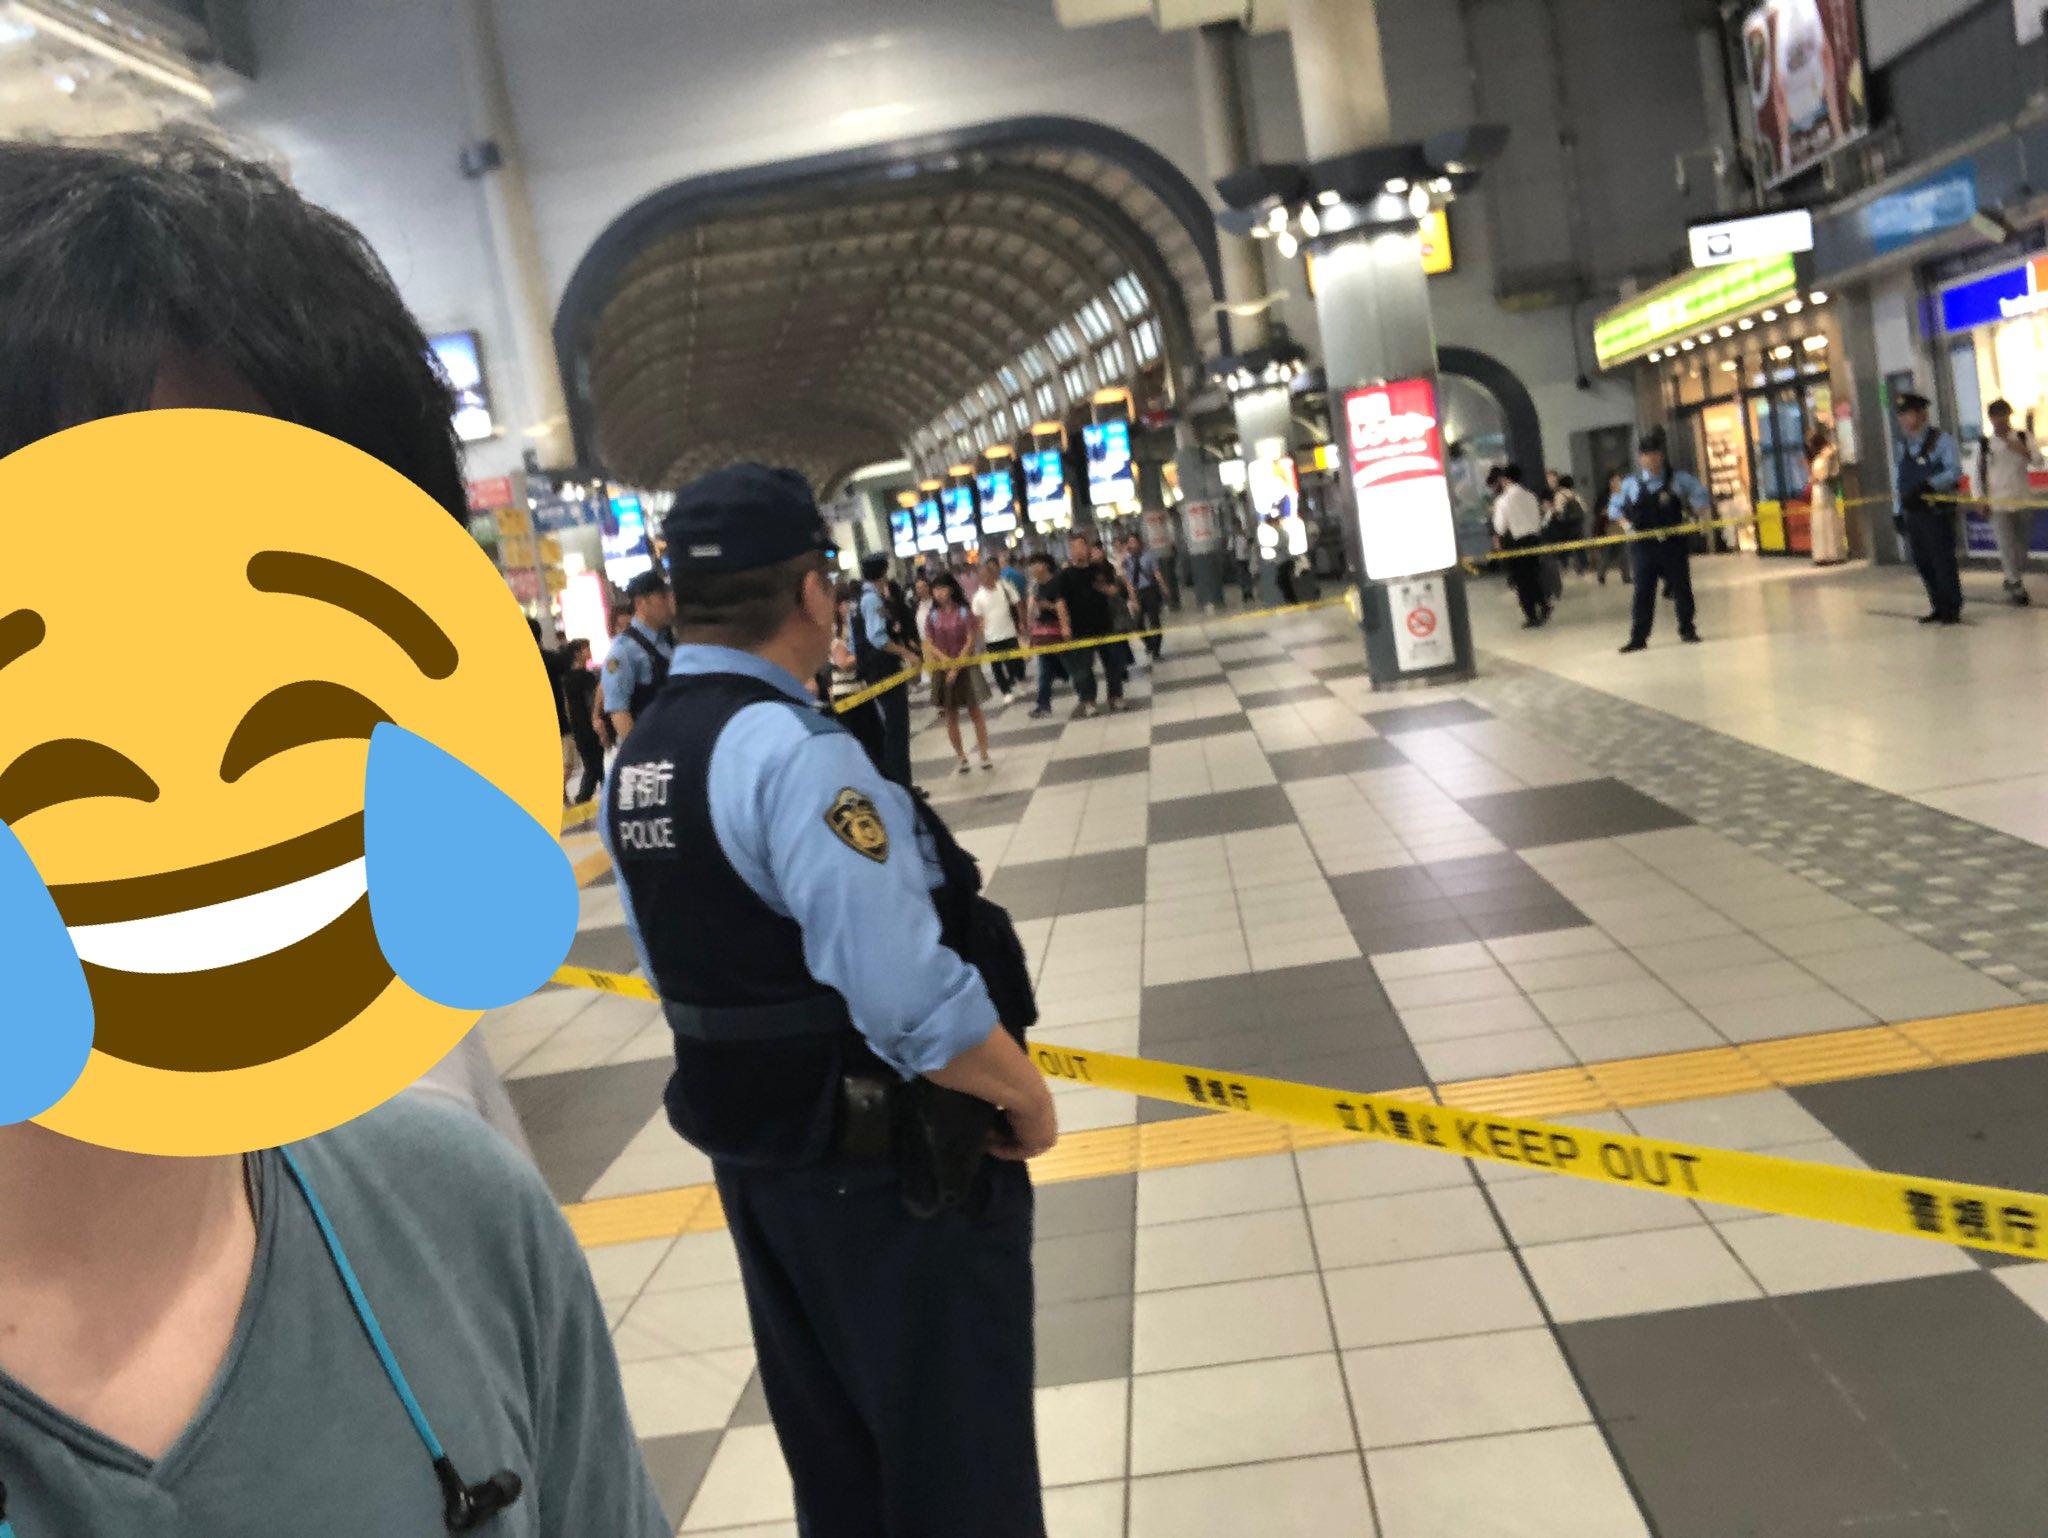 品川駅の券売機前で脱糞事件が起きた現場の画像